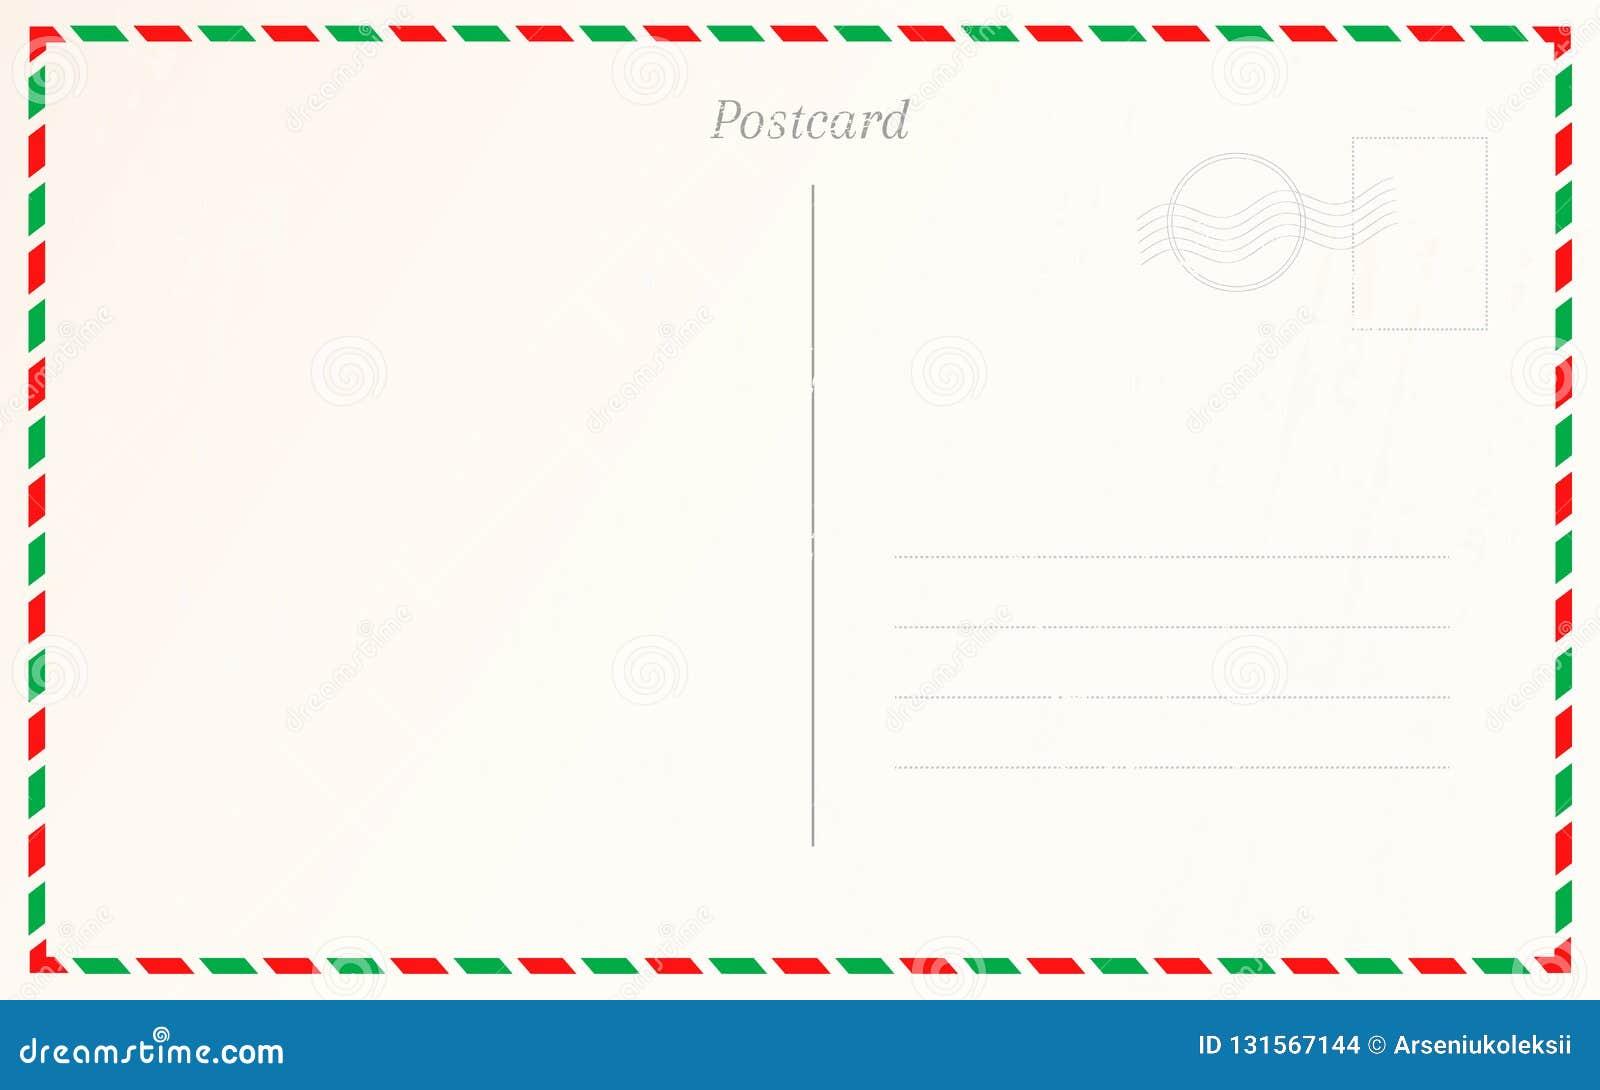 Vintage postcard border design. Travel postal card design template.